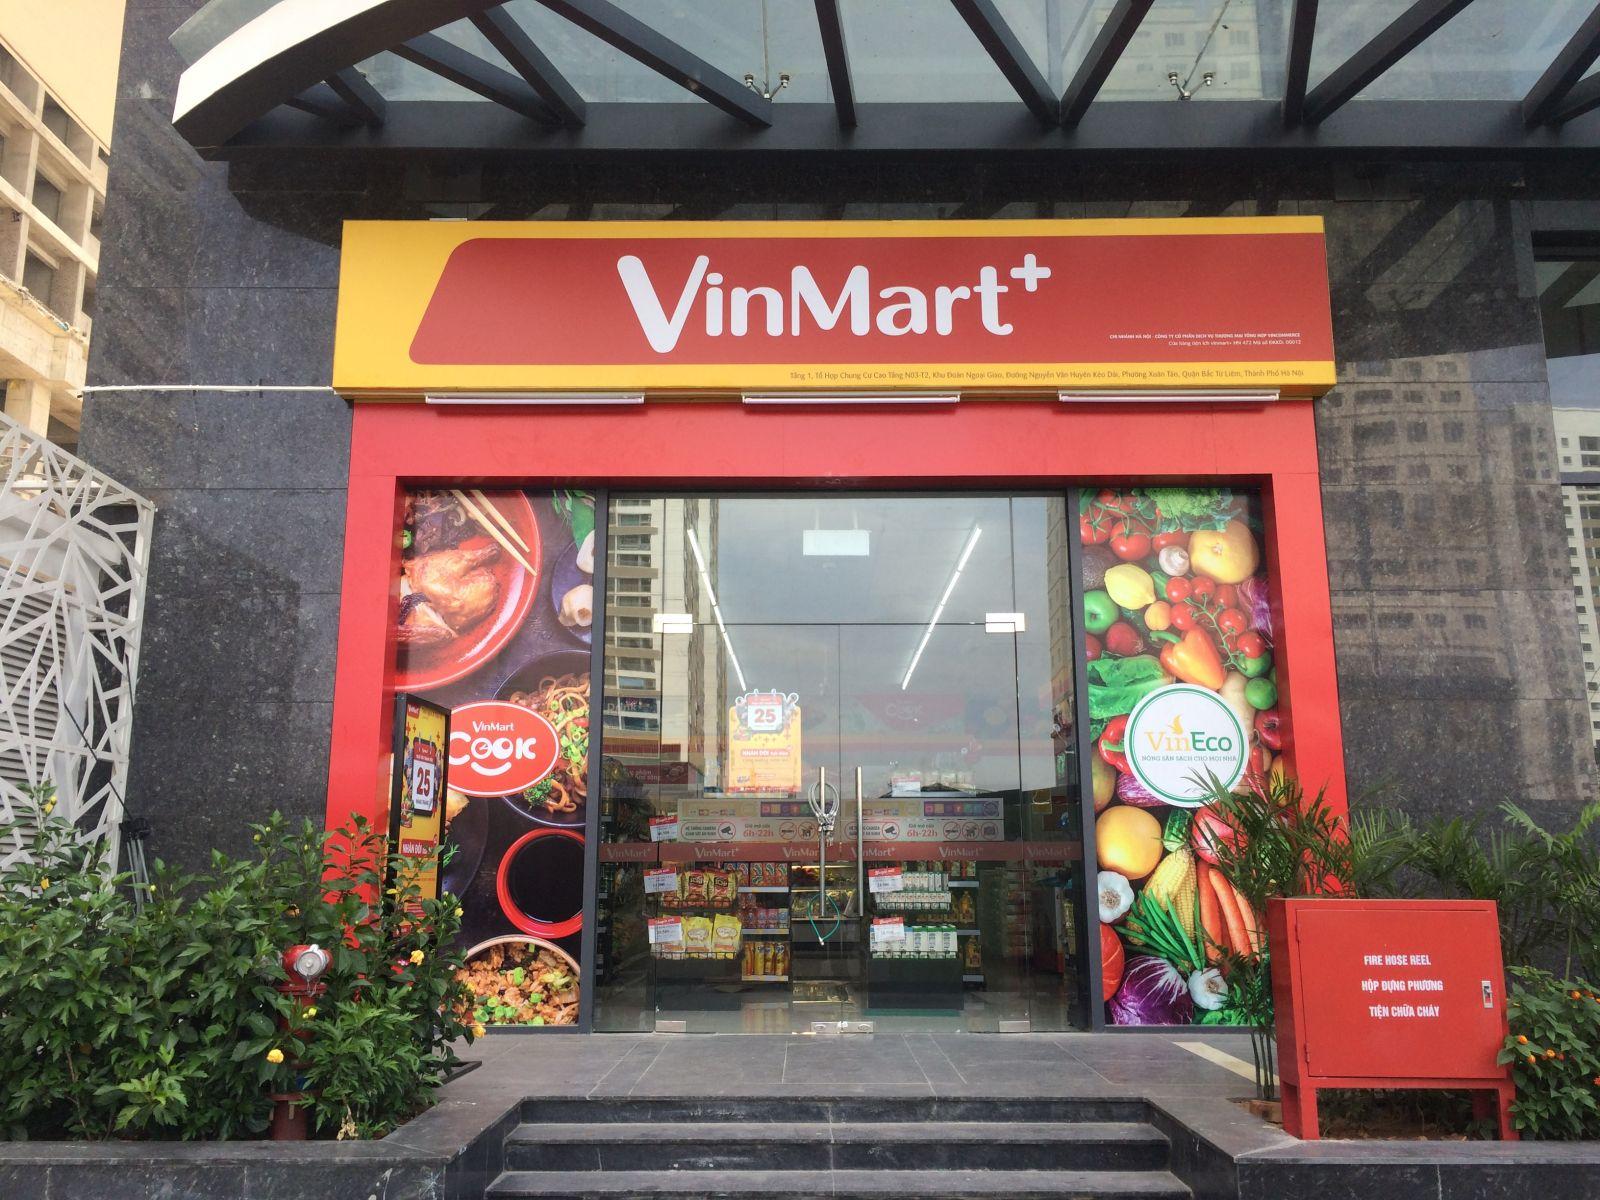 Danh sách hệ thống siêu thị, cửa hàng Vinmart + tại TP HCM